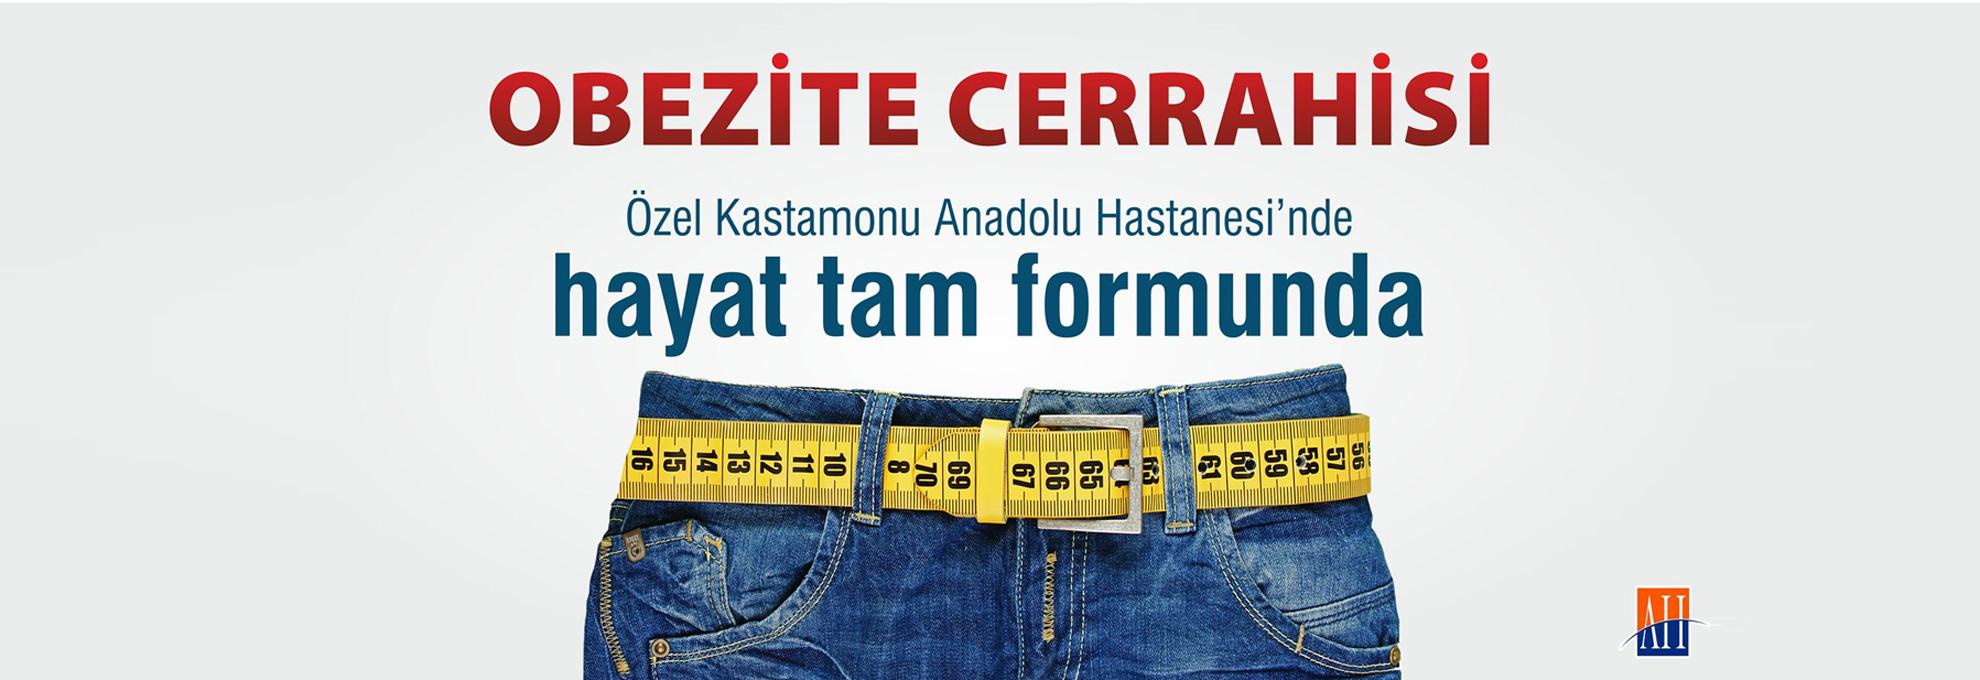 Özel Kastamonu Anadolu Hastaneleri